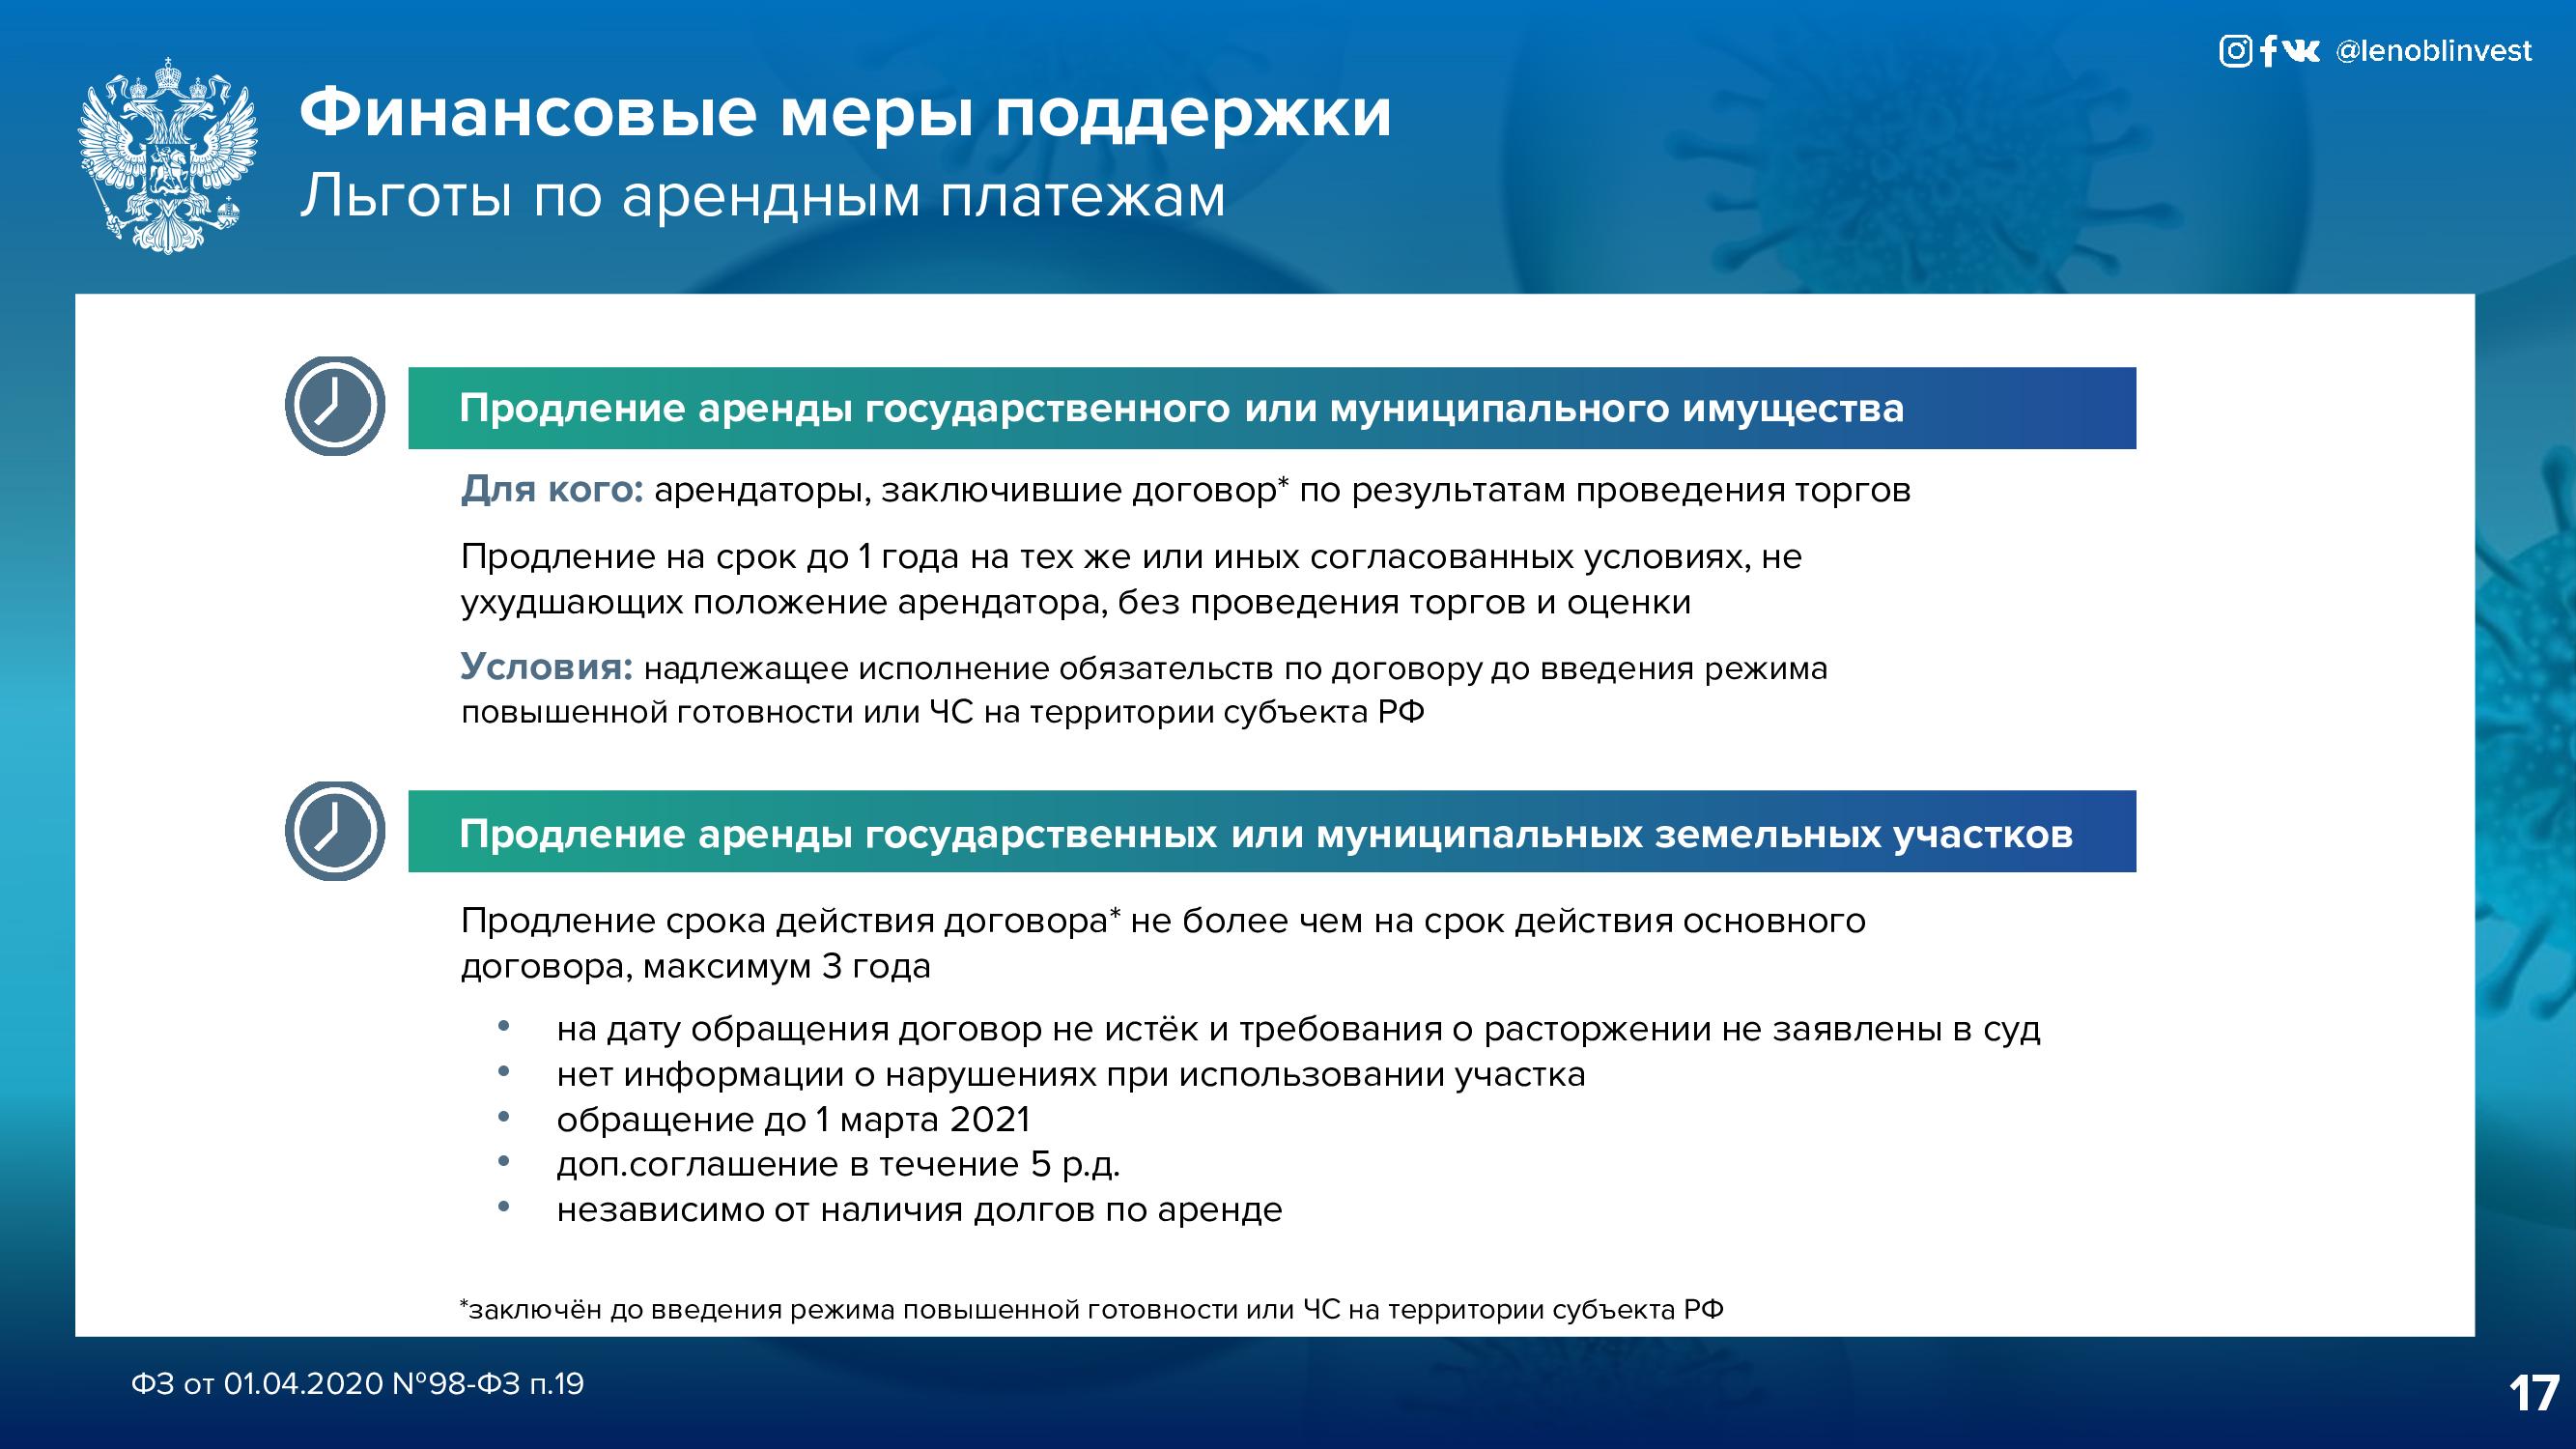 Региональные и федеральные меры поддержки_page-0017.jpg